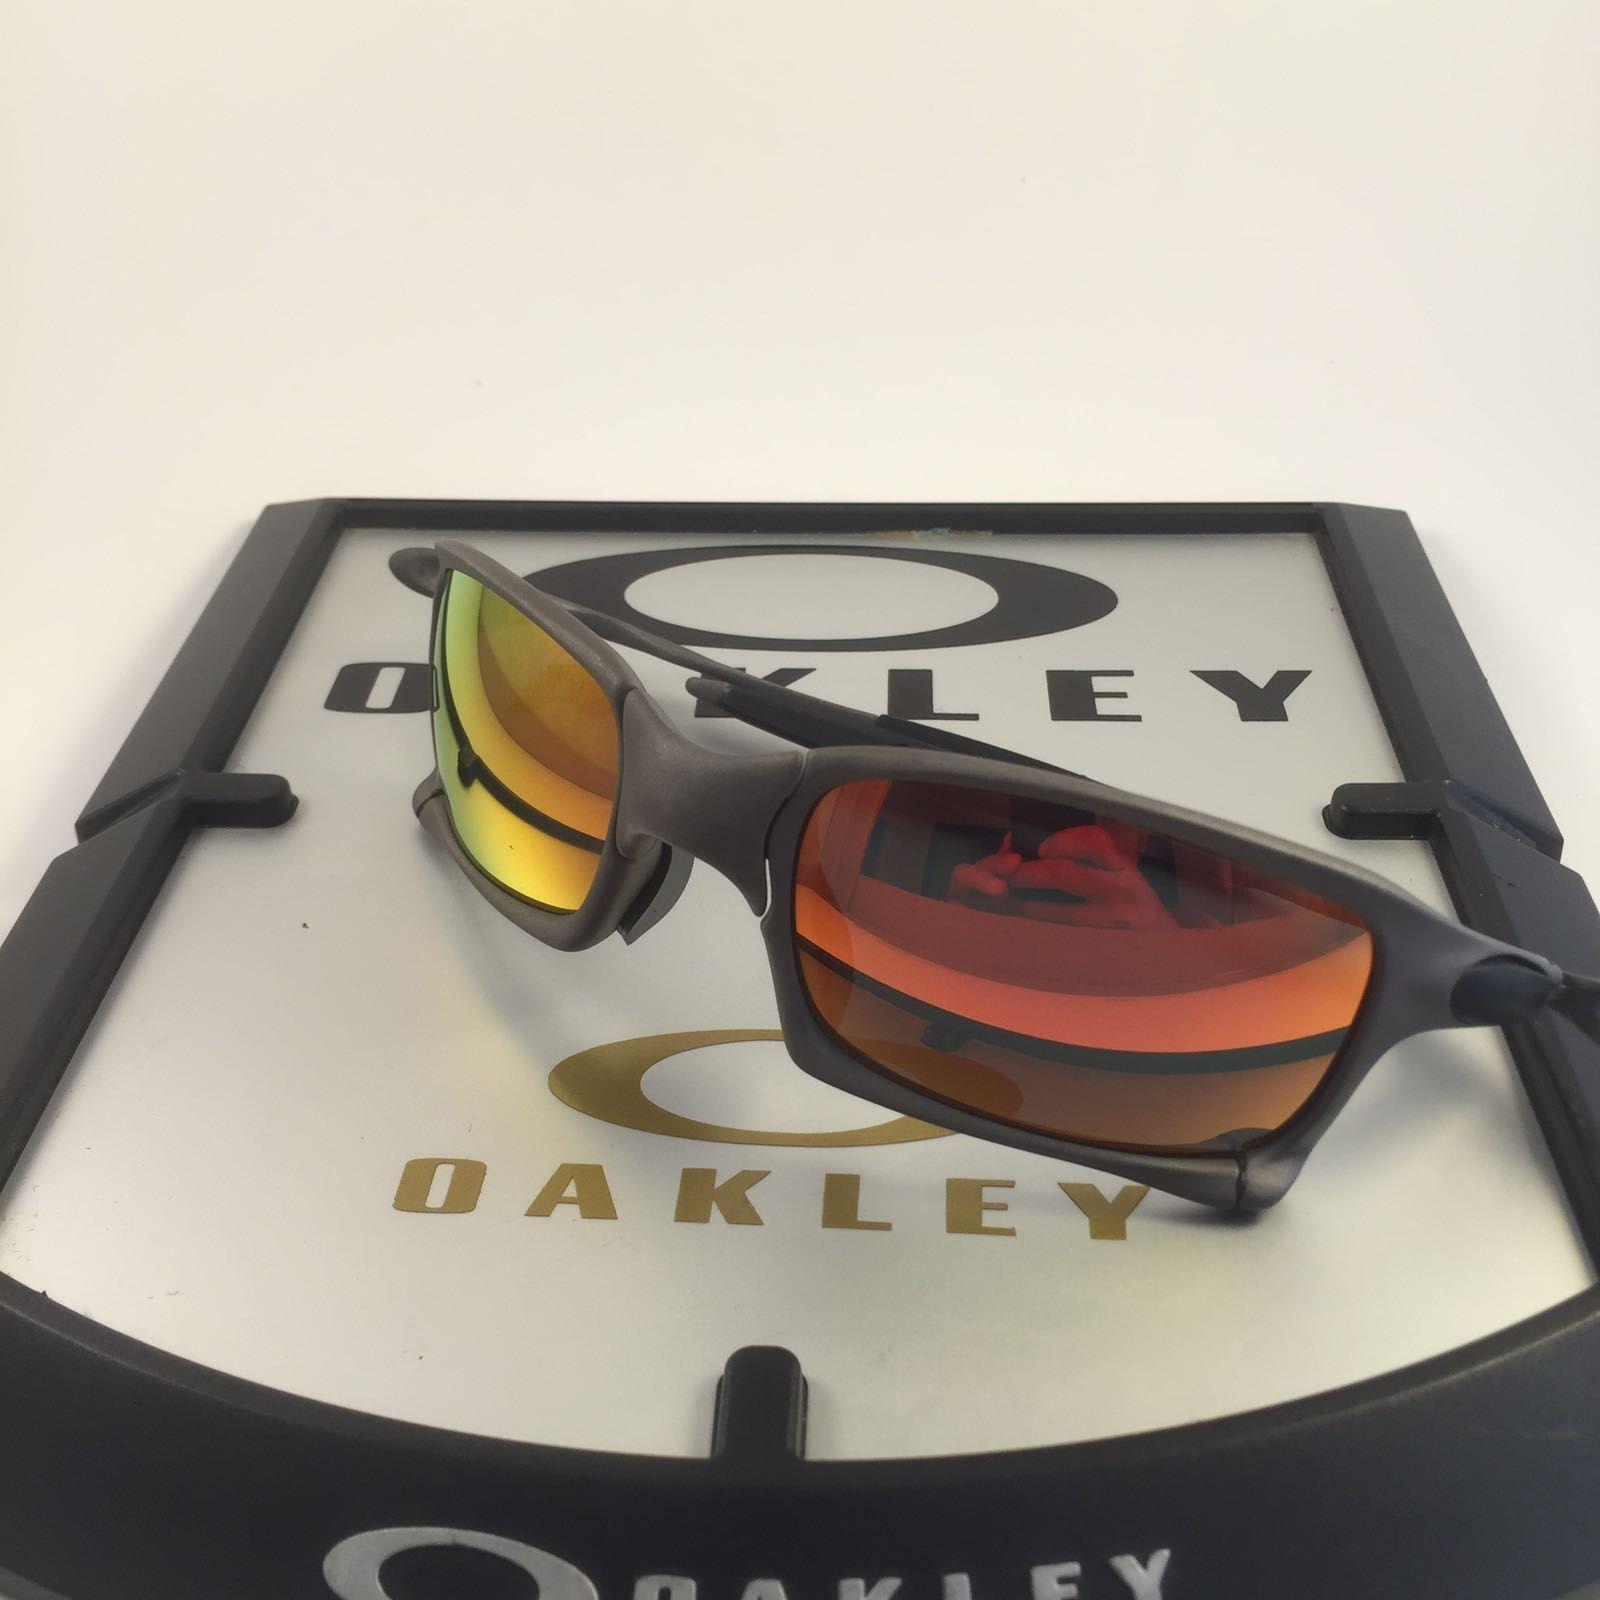 oakley x squared x-metal - b40ebd2f-3c82-4bcc-a8c8-8ae6b3b42097.jpeg